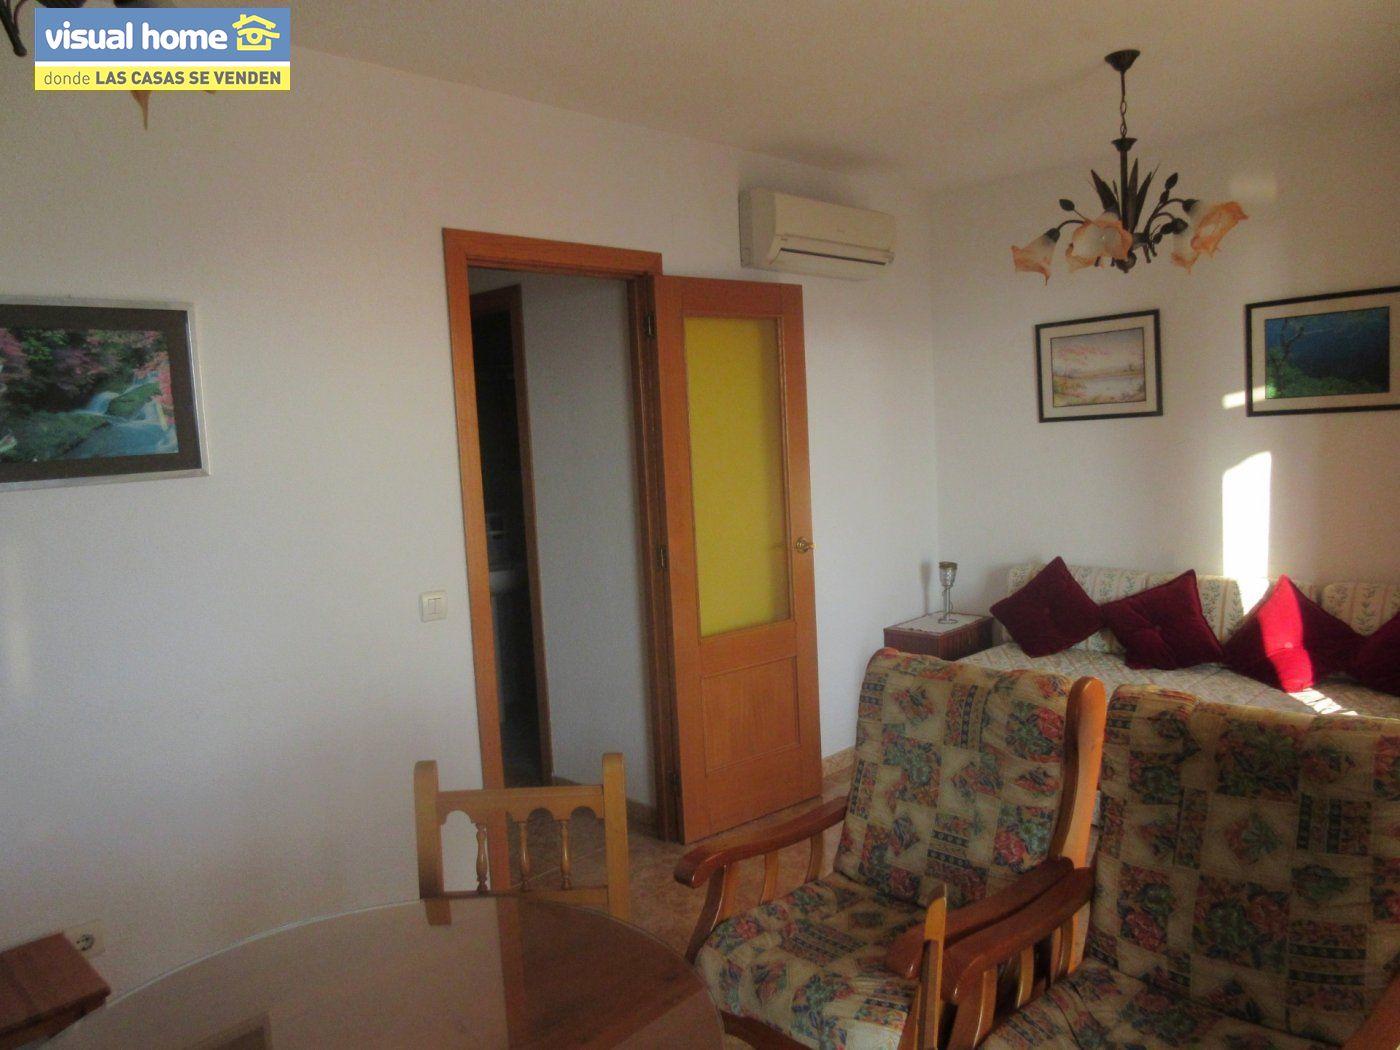 Apartamento 1 dormitorio con vistas espectaculares con parking y piscina en Rincón de Loix llano 3